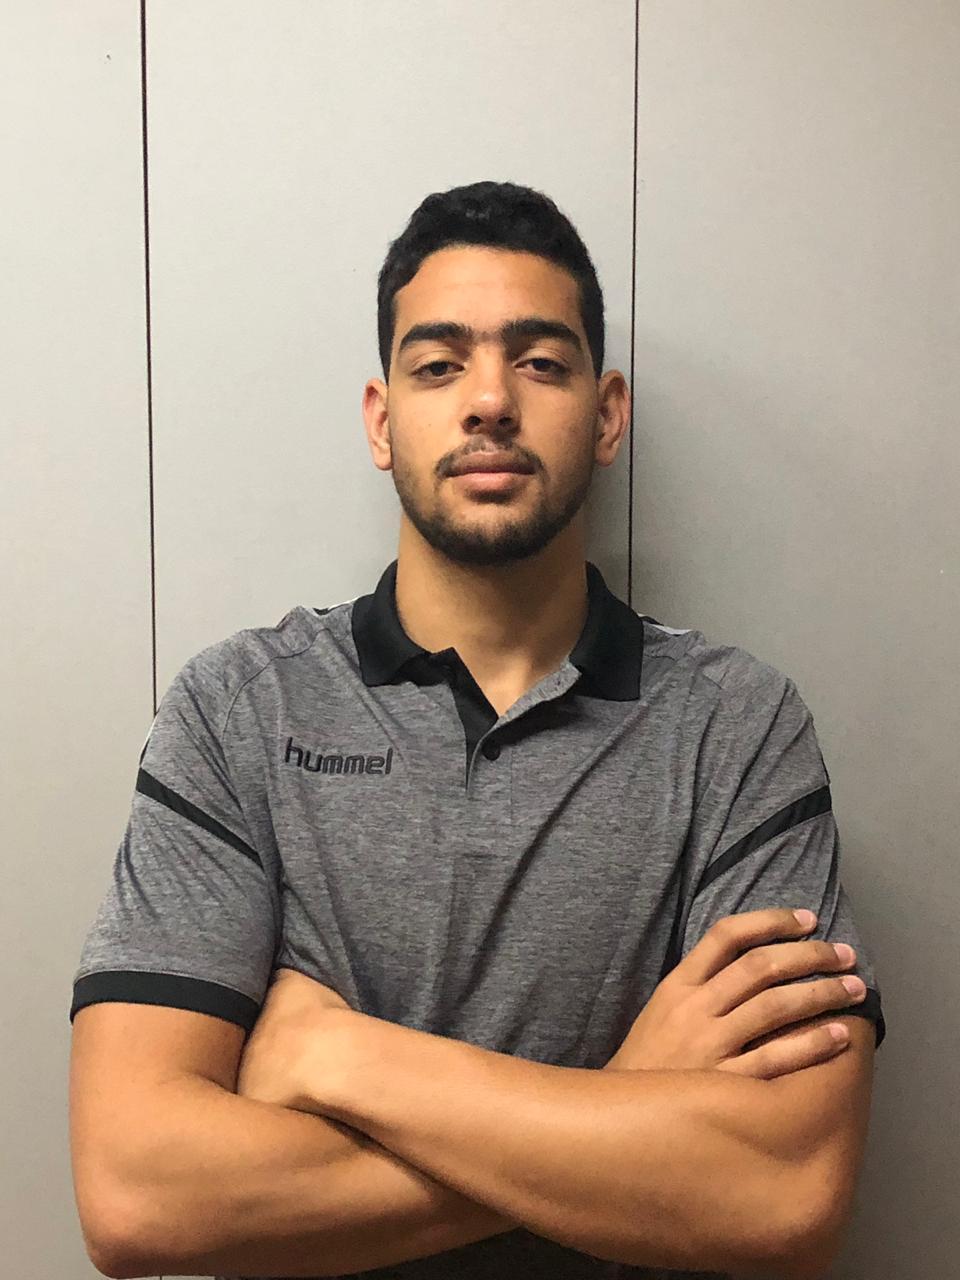 احمد هشام لاعب هيلبوبوليس